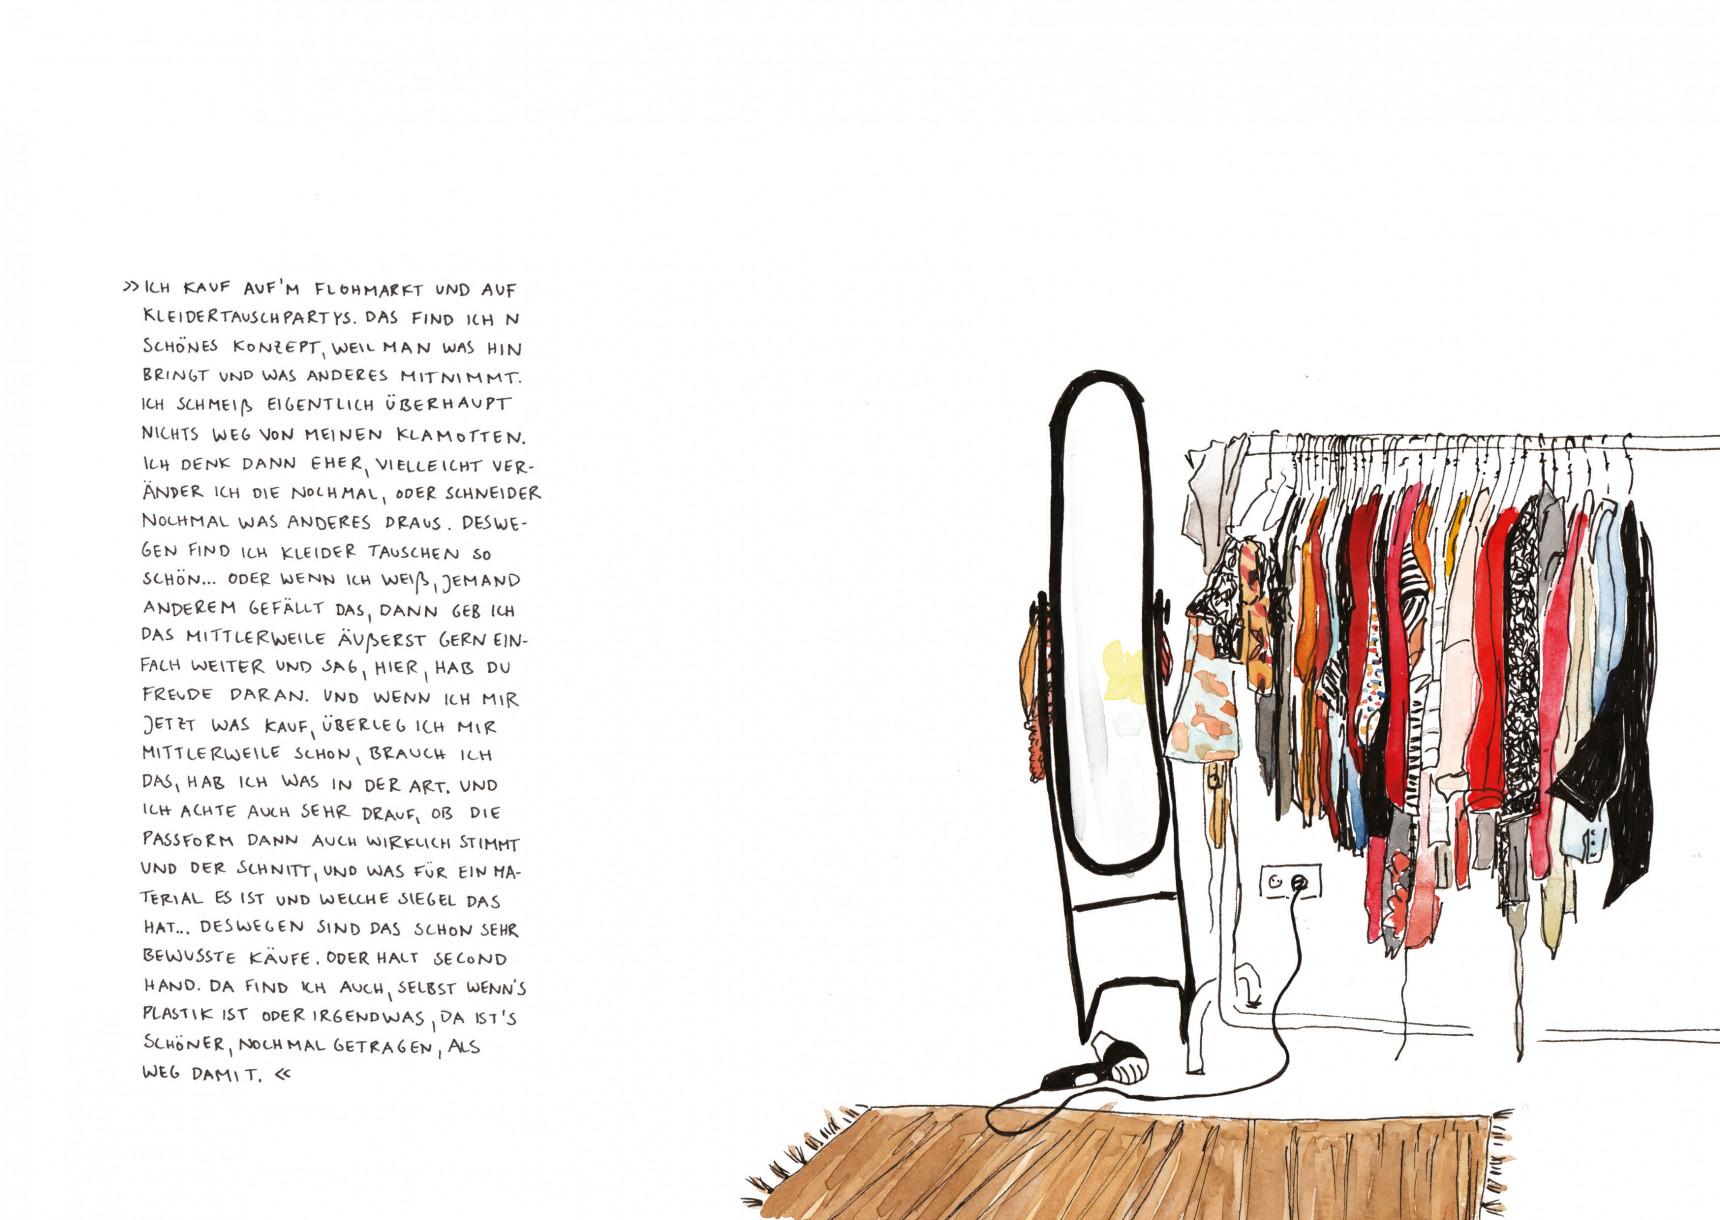 Zeichnung einer Kleiderstange mit einem großen Spiegel daneben.